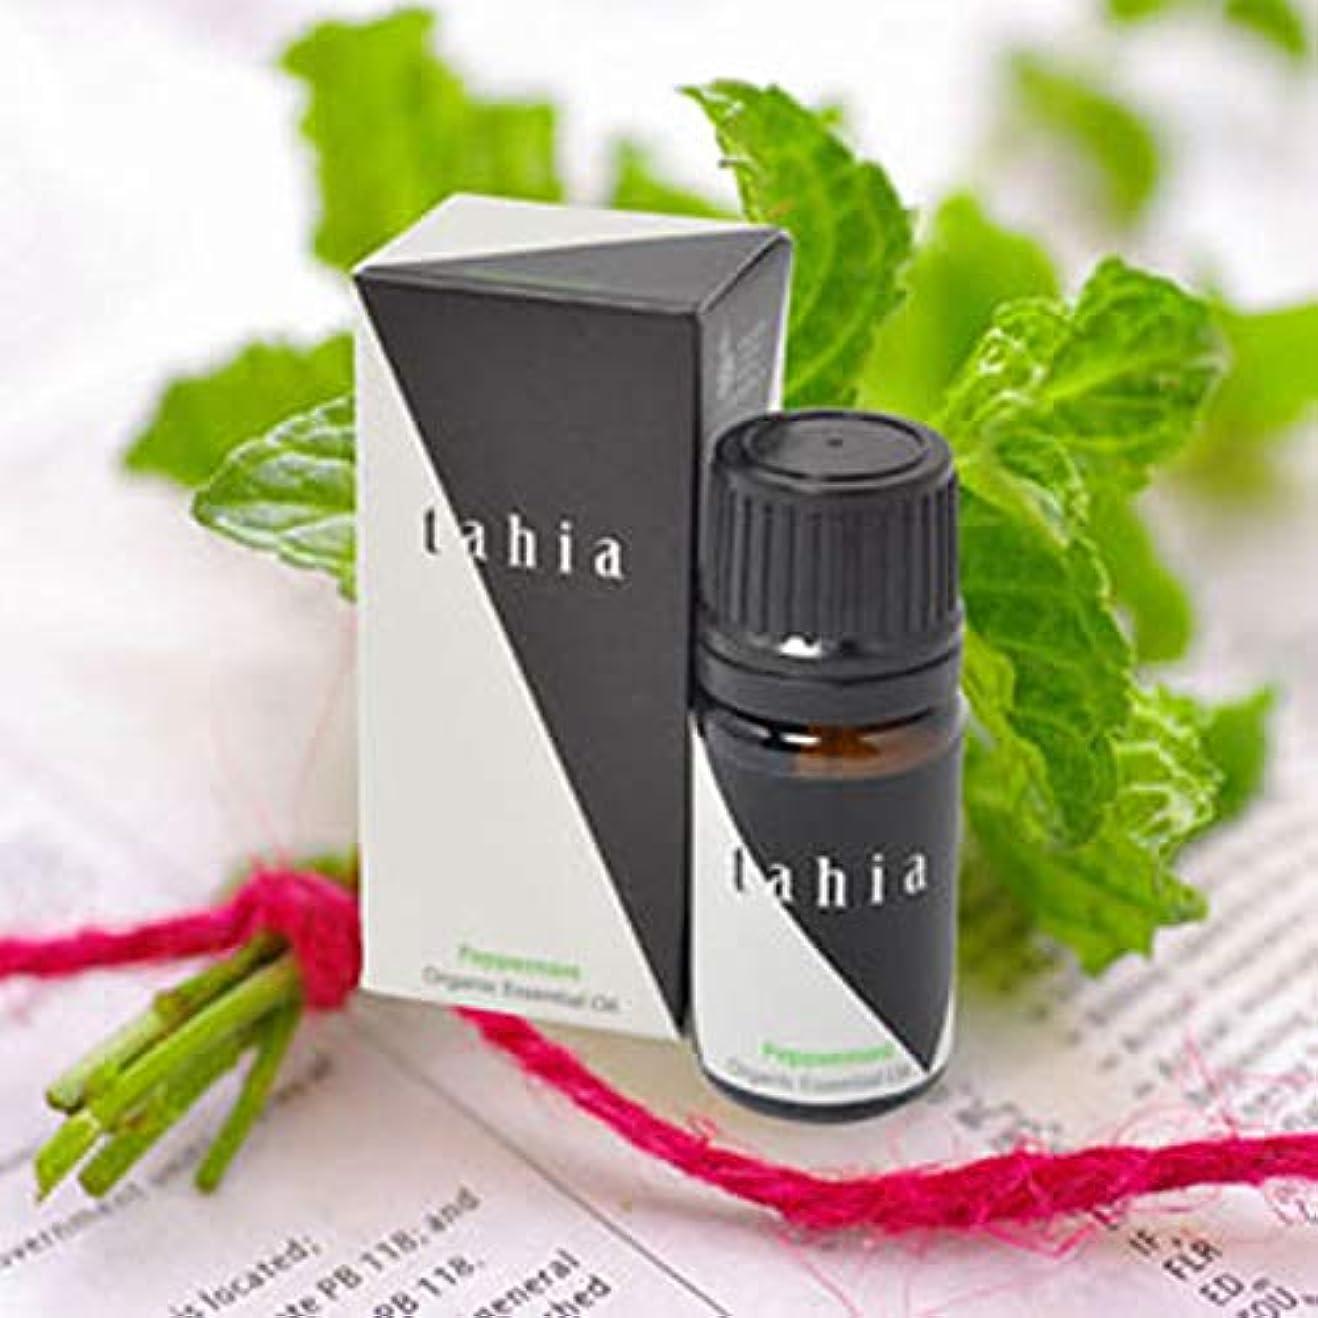 引っ張る対人工タツフト タヒア tahia ペパーミント  エッセンシャルオイル オーガニック 芳香 精油